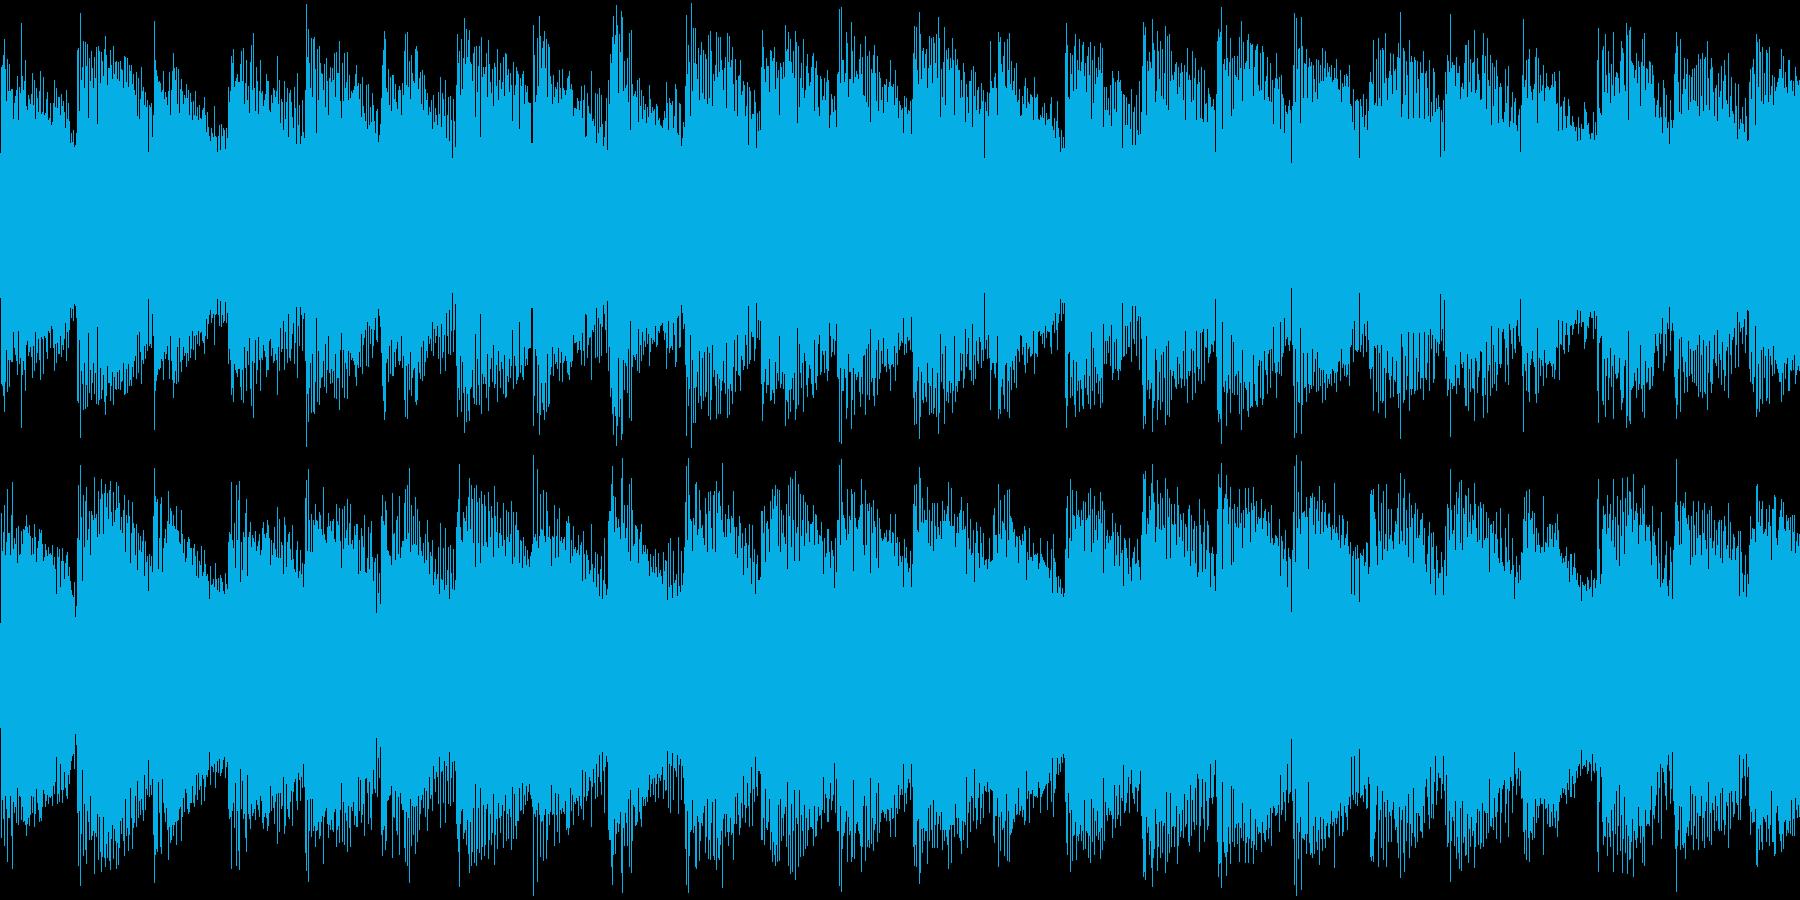 シンセ サイレン アナログ ピコピコ09の再生済みの波形